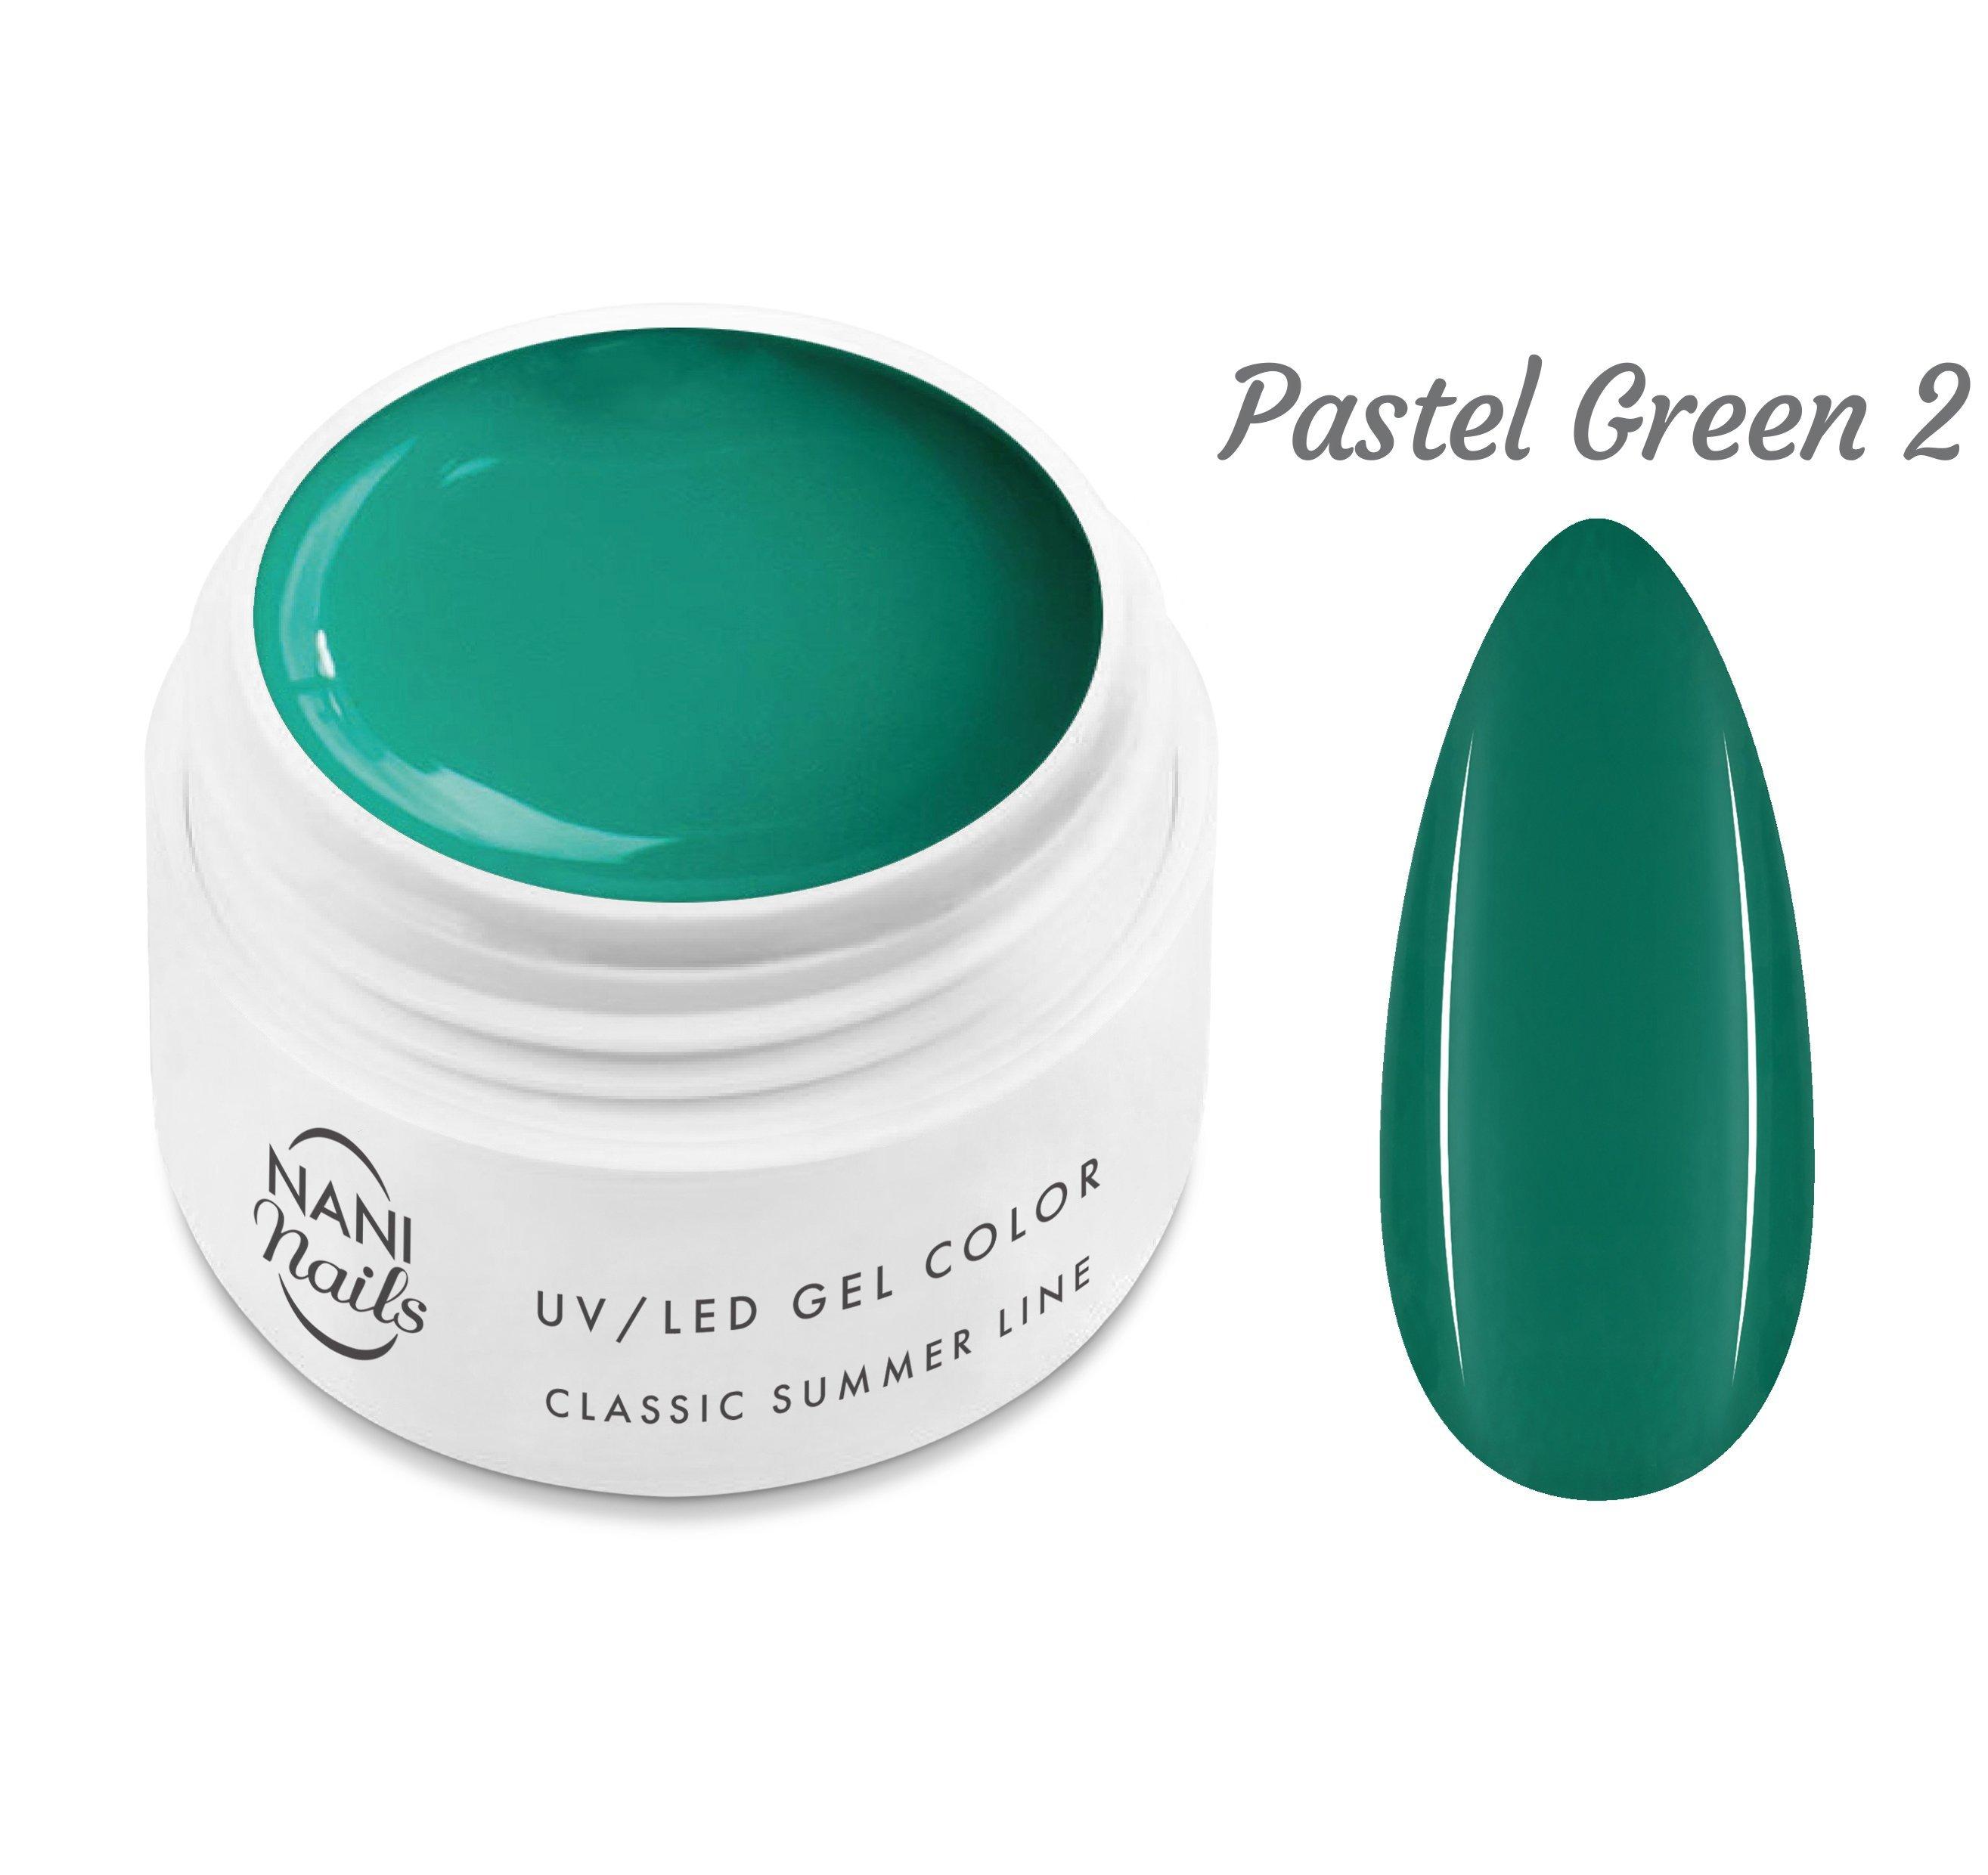 NANI UV gél Classic Summer Line 5 ml - Pastel Green